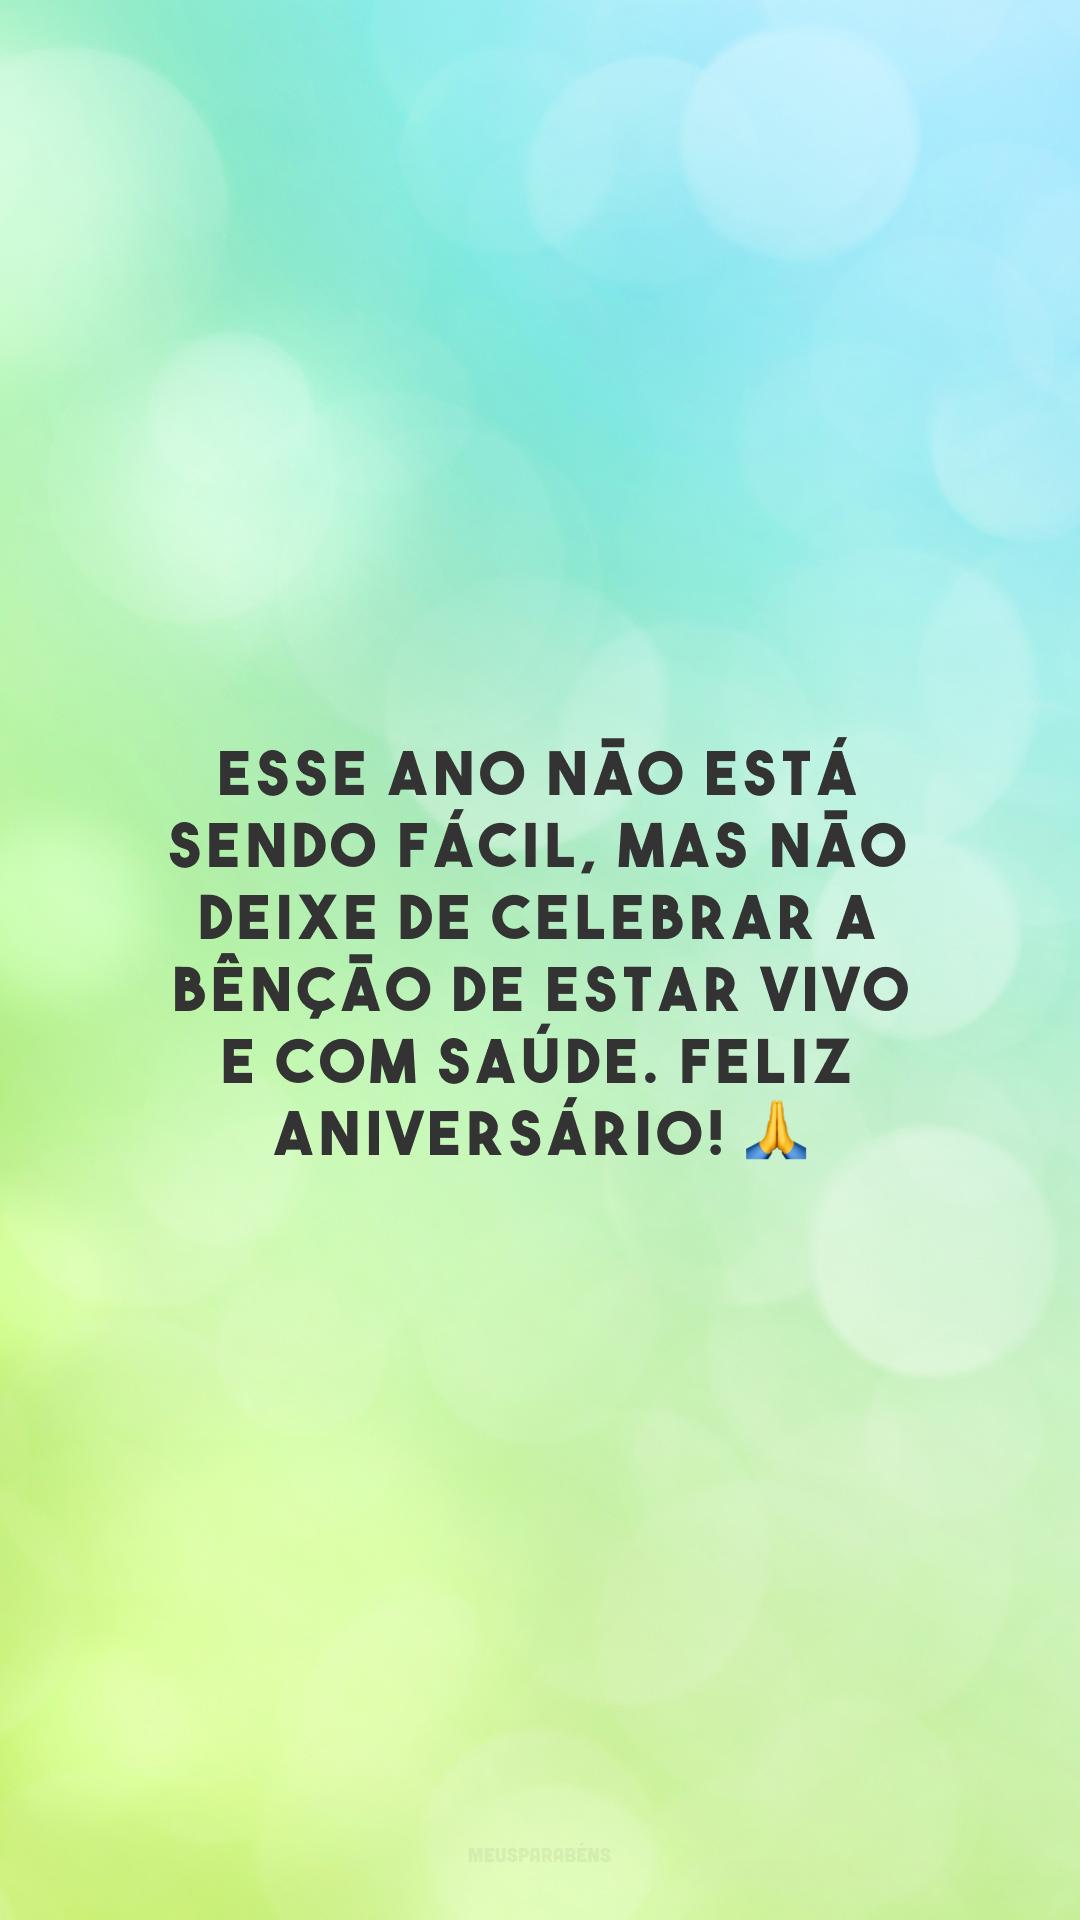 Esse ano não está sendo fácil, mas não deixe de celebrar a bênção de estar vivo e com saúde. Feliz aniversário! 🙏